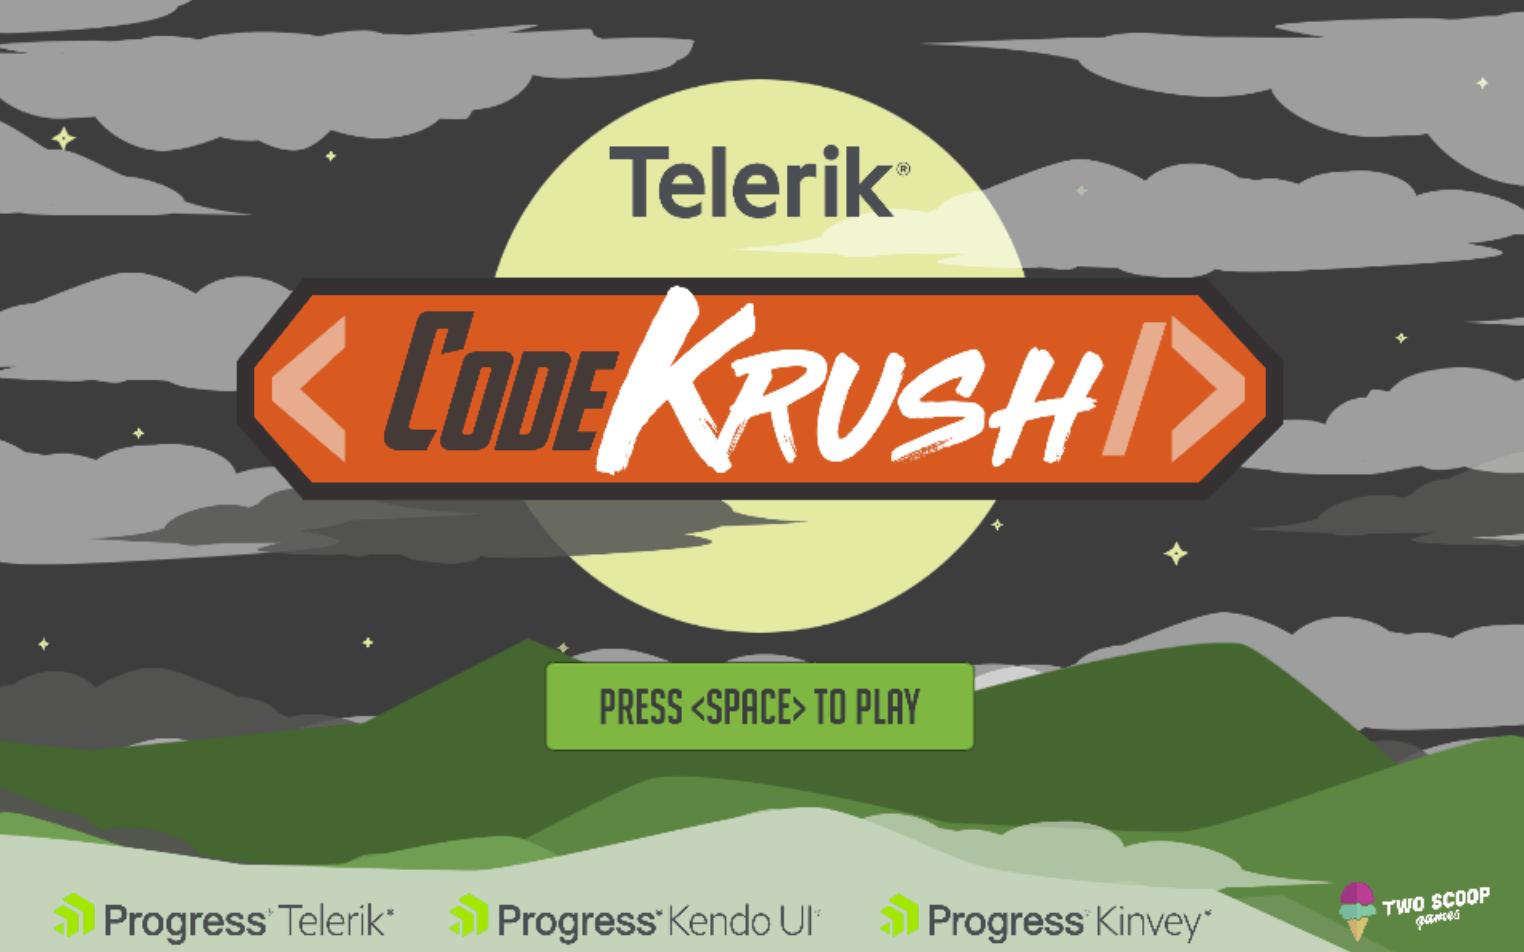 CodeKrush